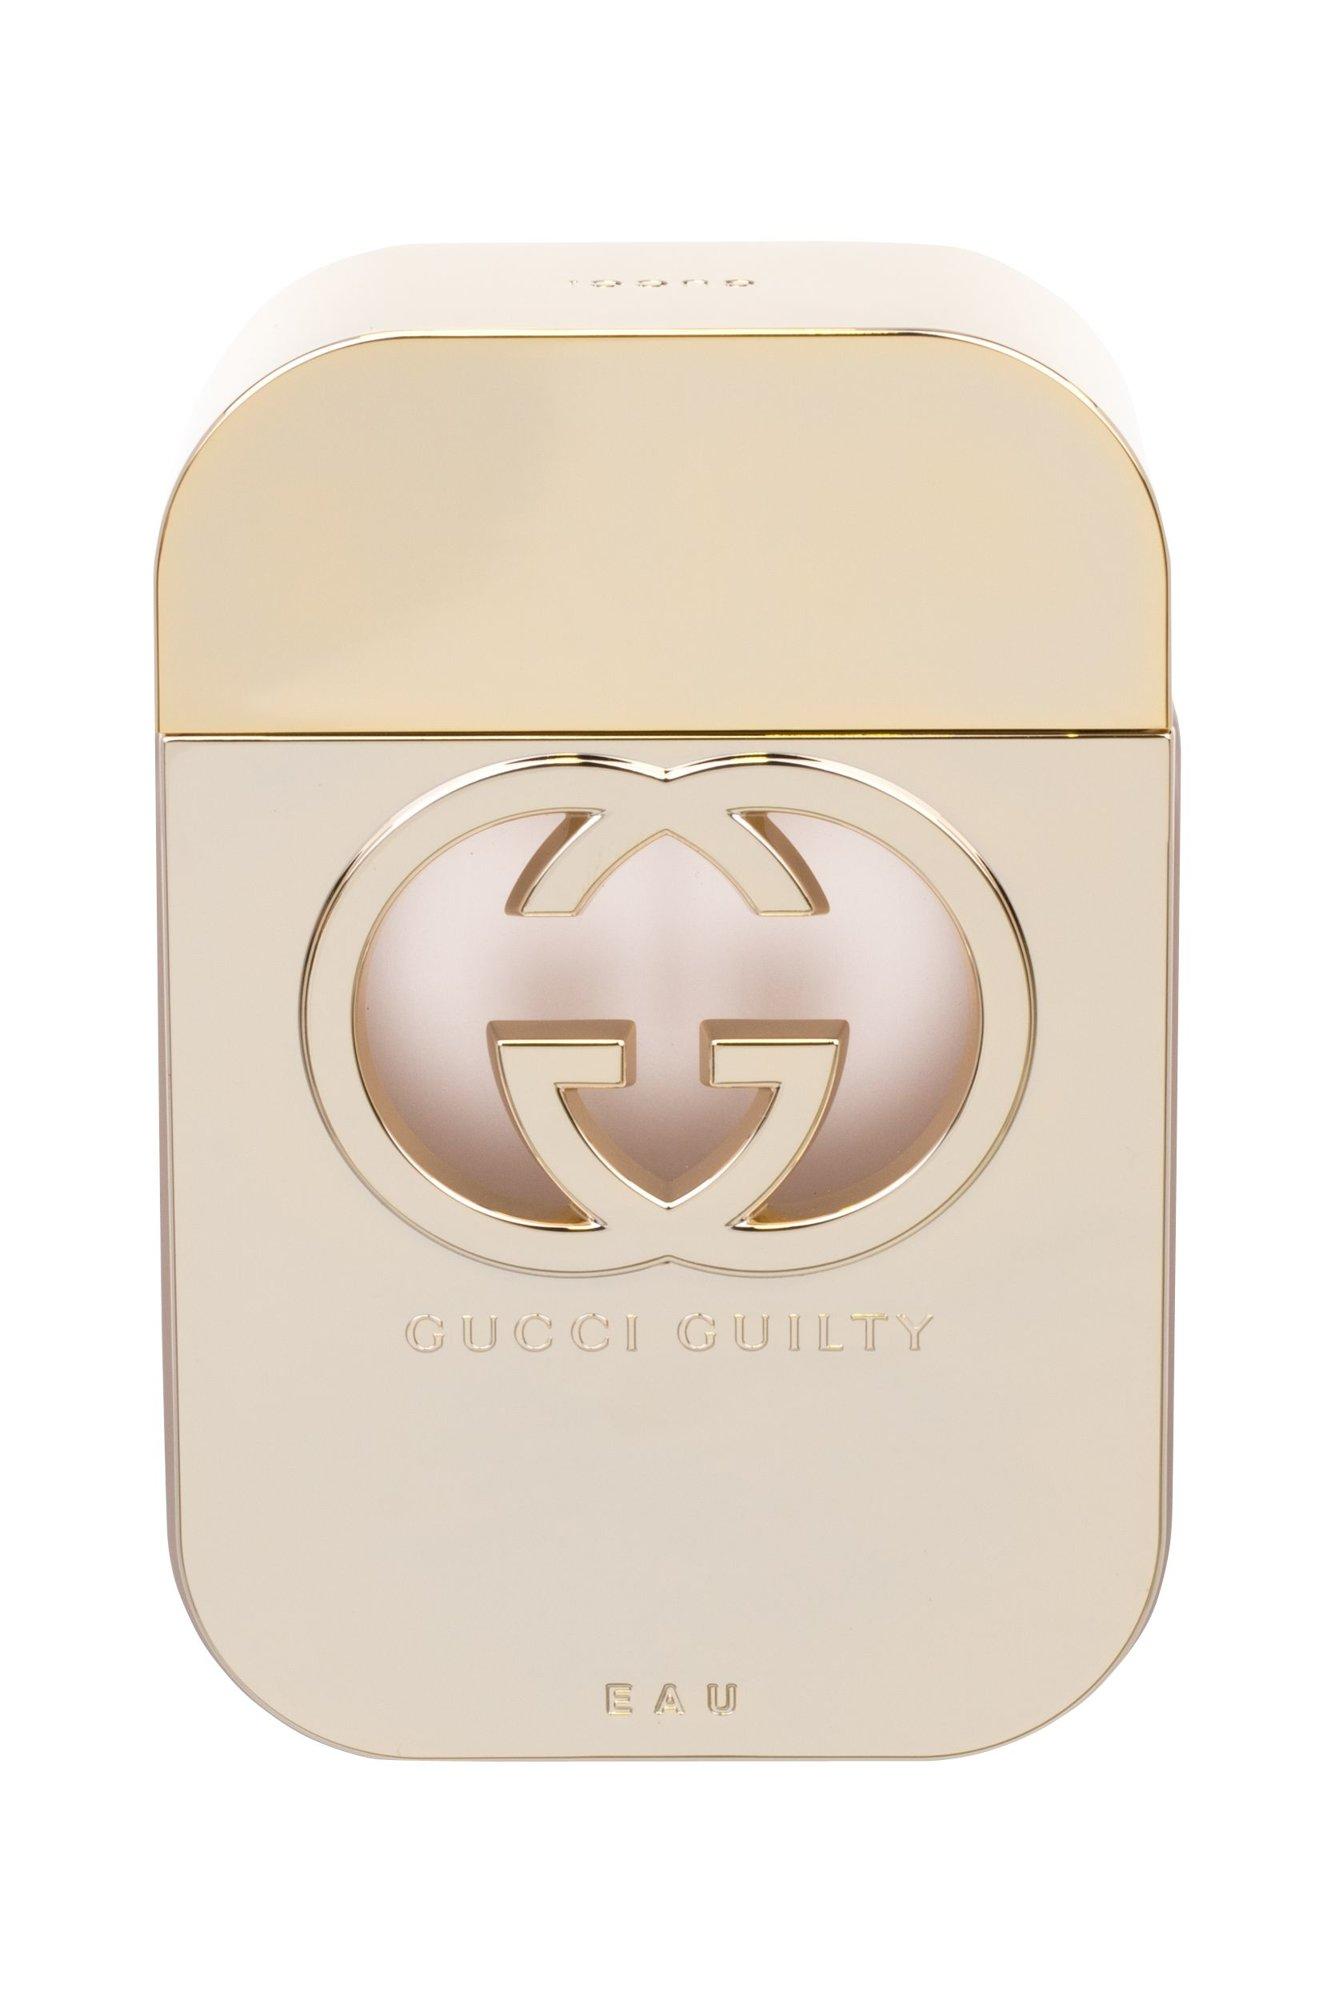 Gucci Gucci Guilty Eau EDT 75ml